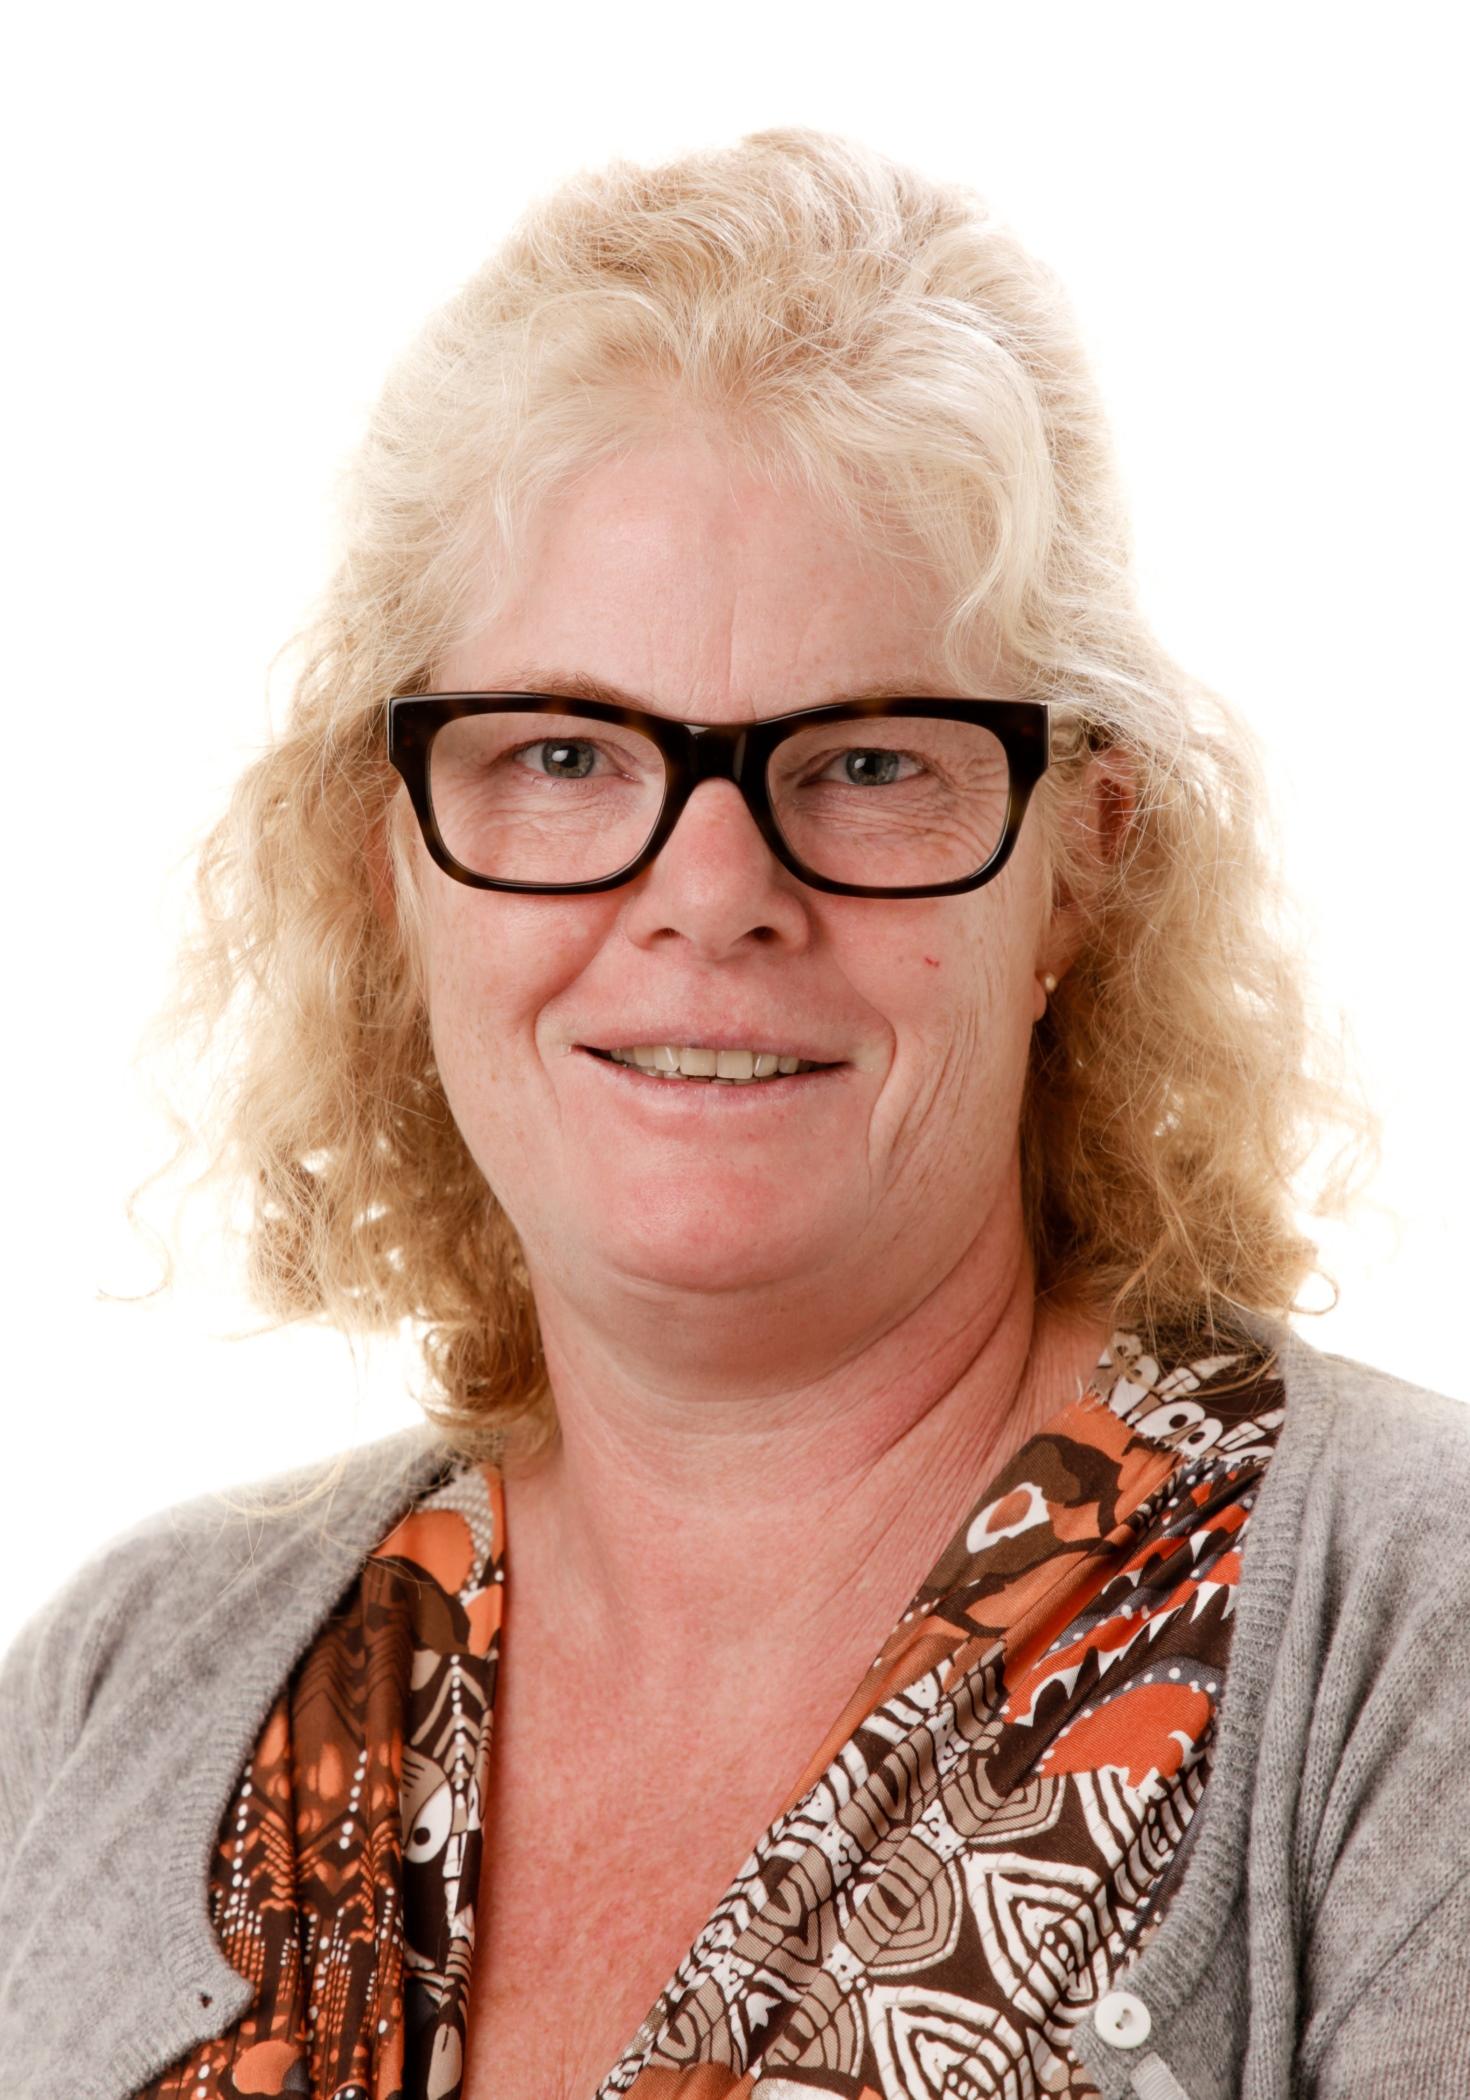 Pædagog, Ulla Petersen